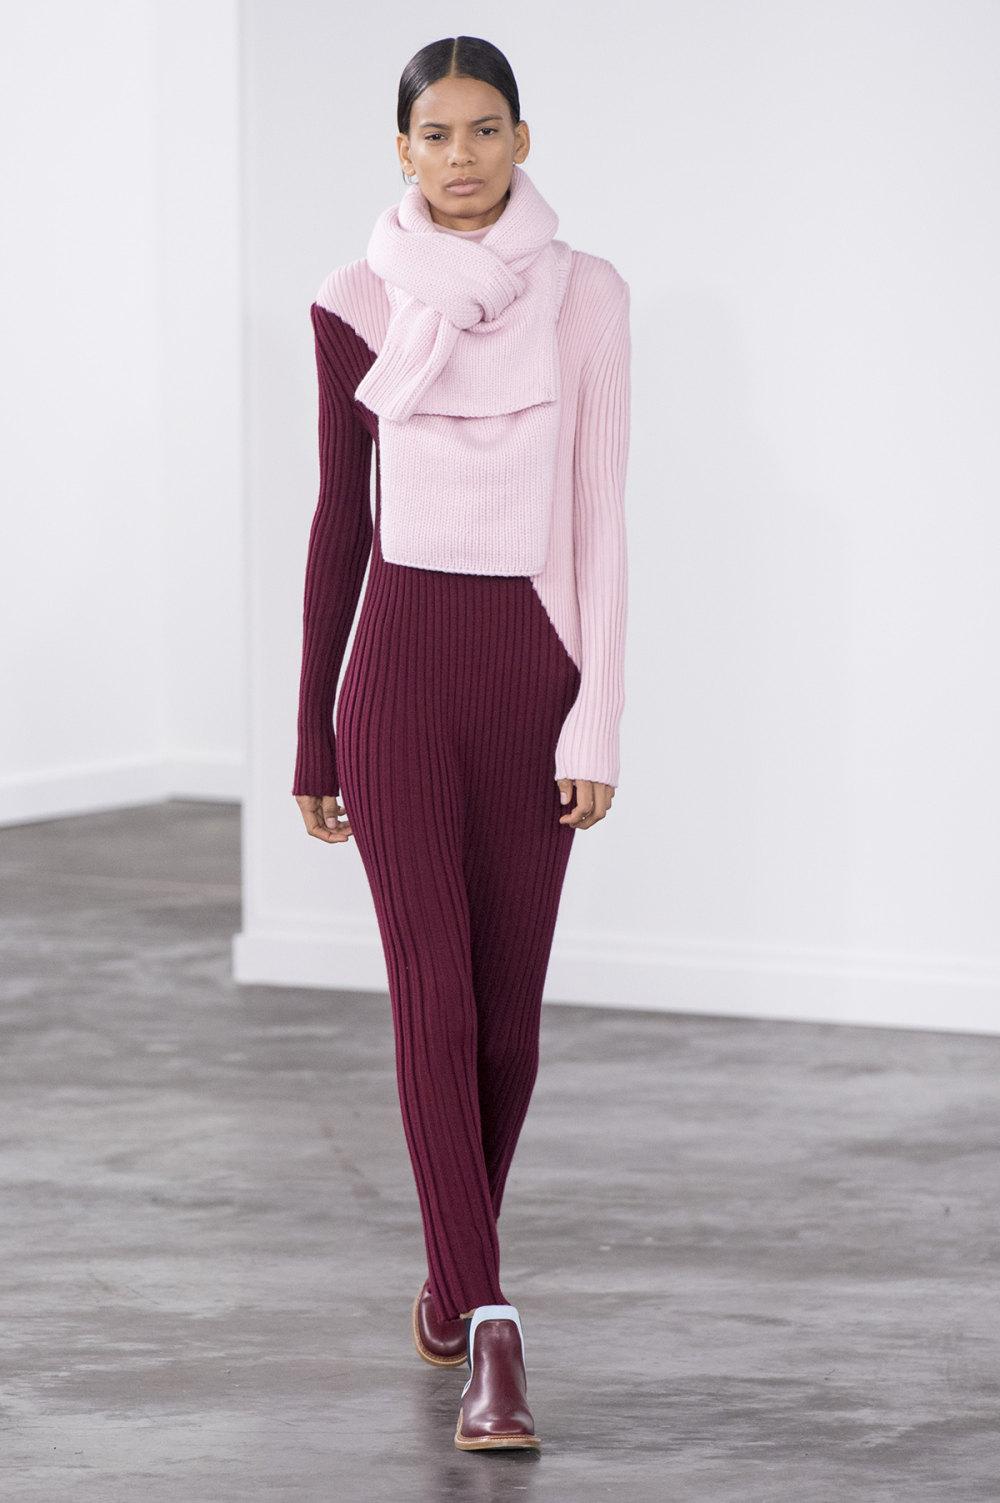 Gabriela Hearst时装系列细条纹西装和宽大毛衣之间形成鲜明对比-20.jpg